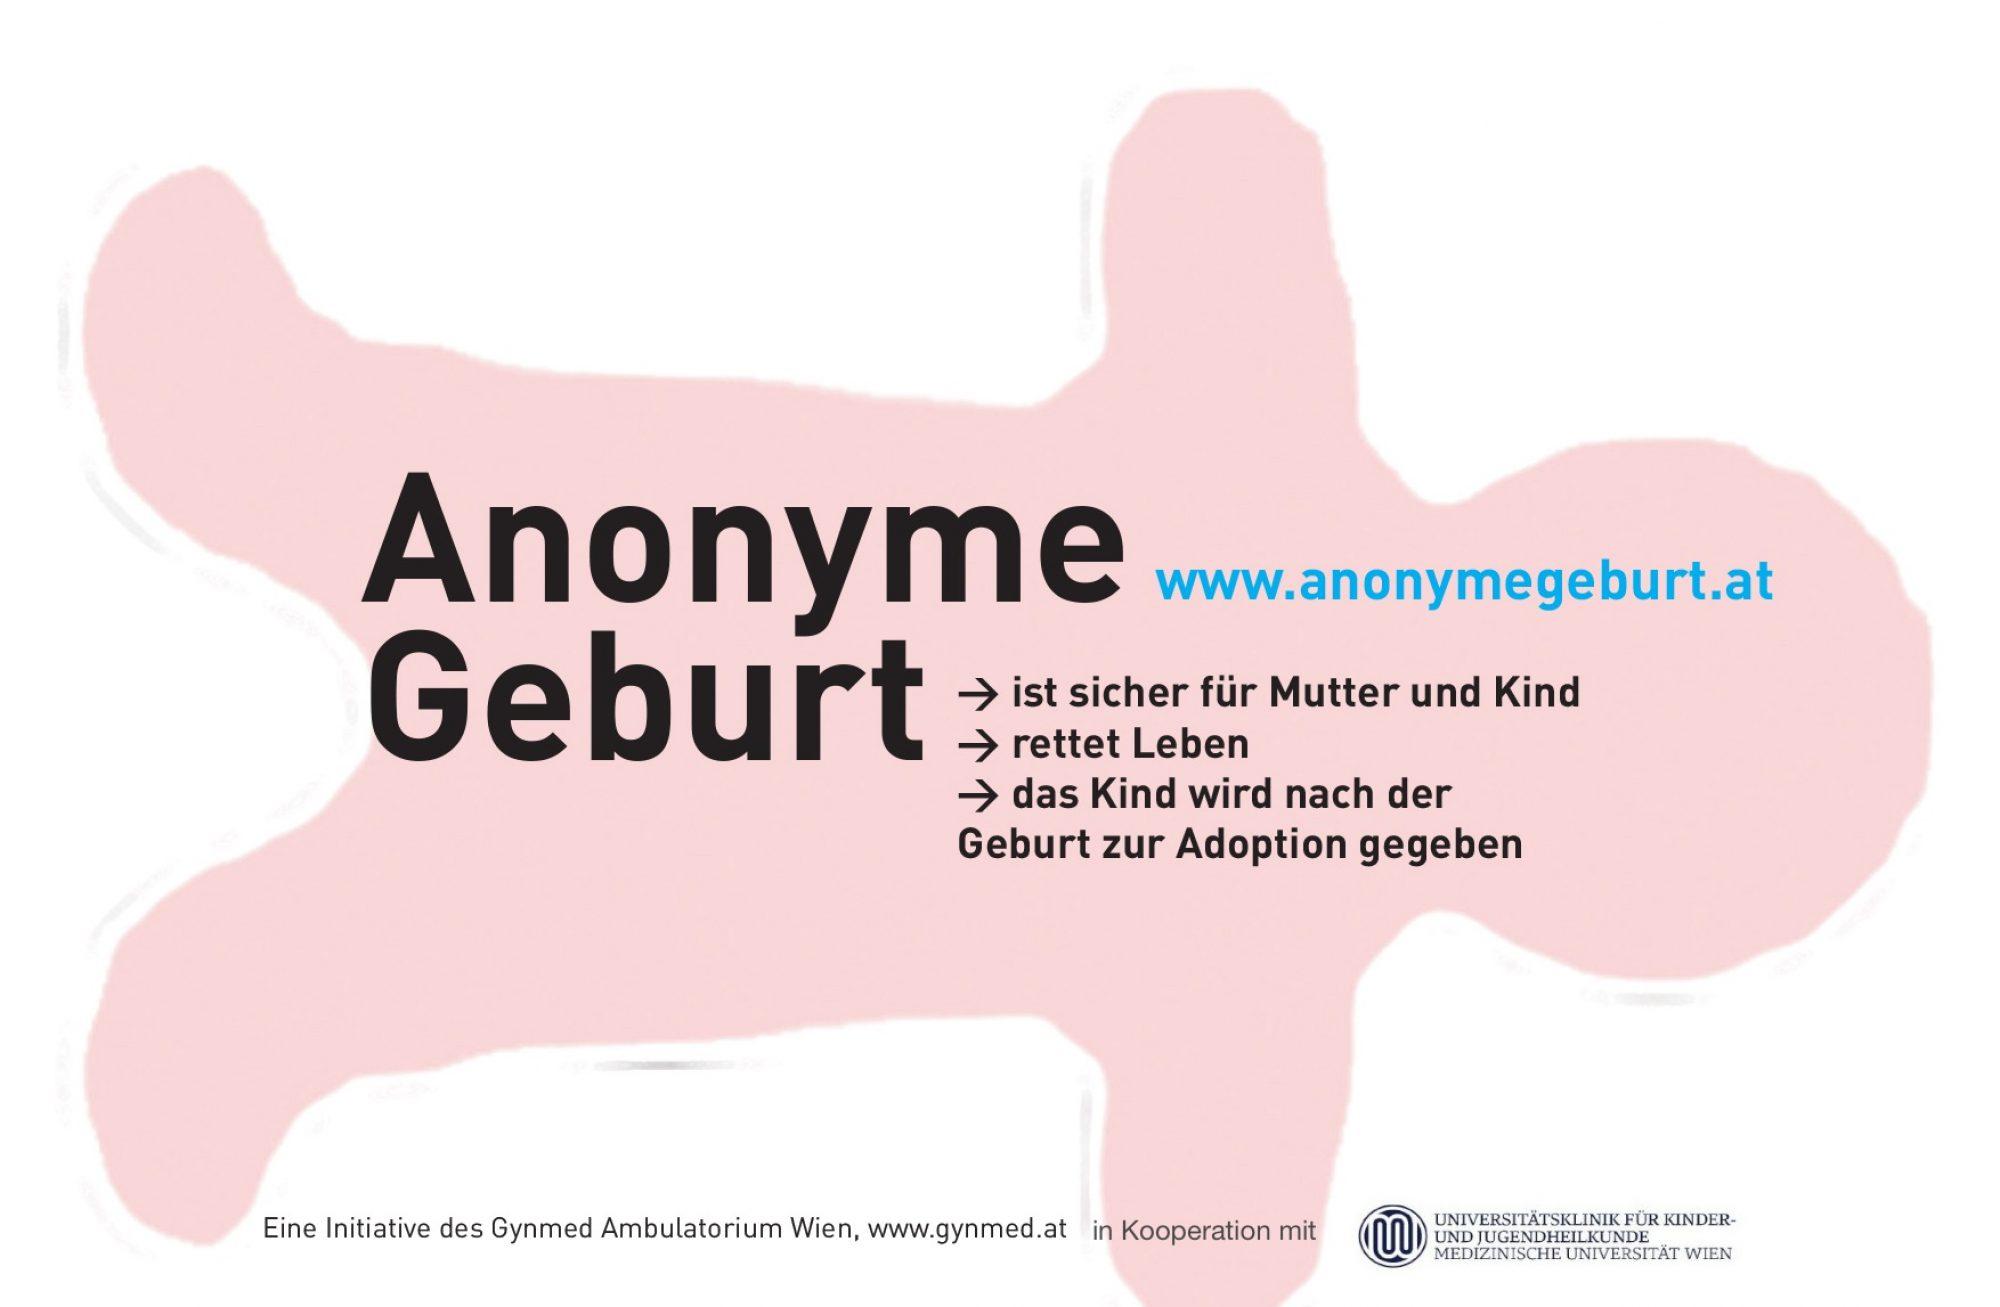 anonyme geburt